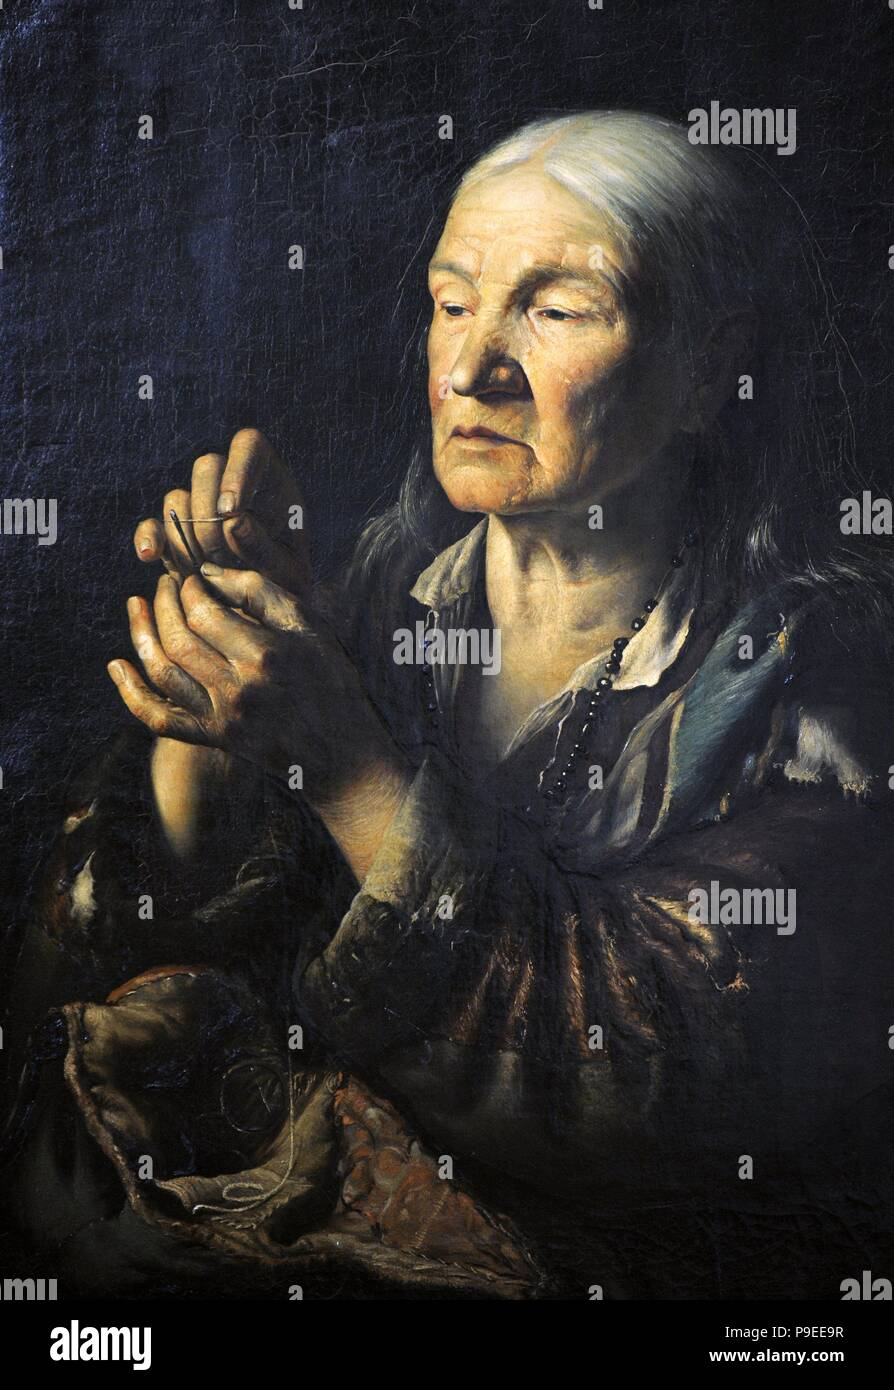 Frau bildergalerie alte Wer hat